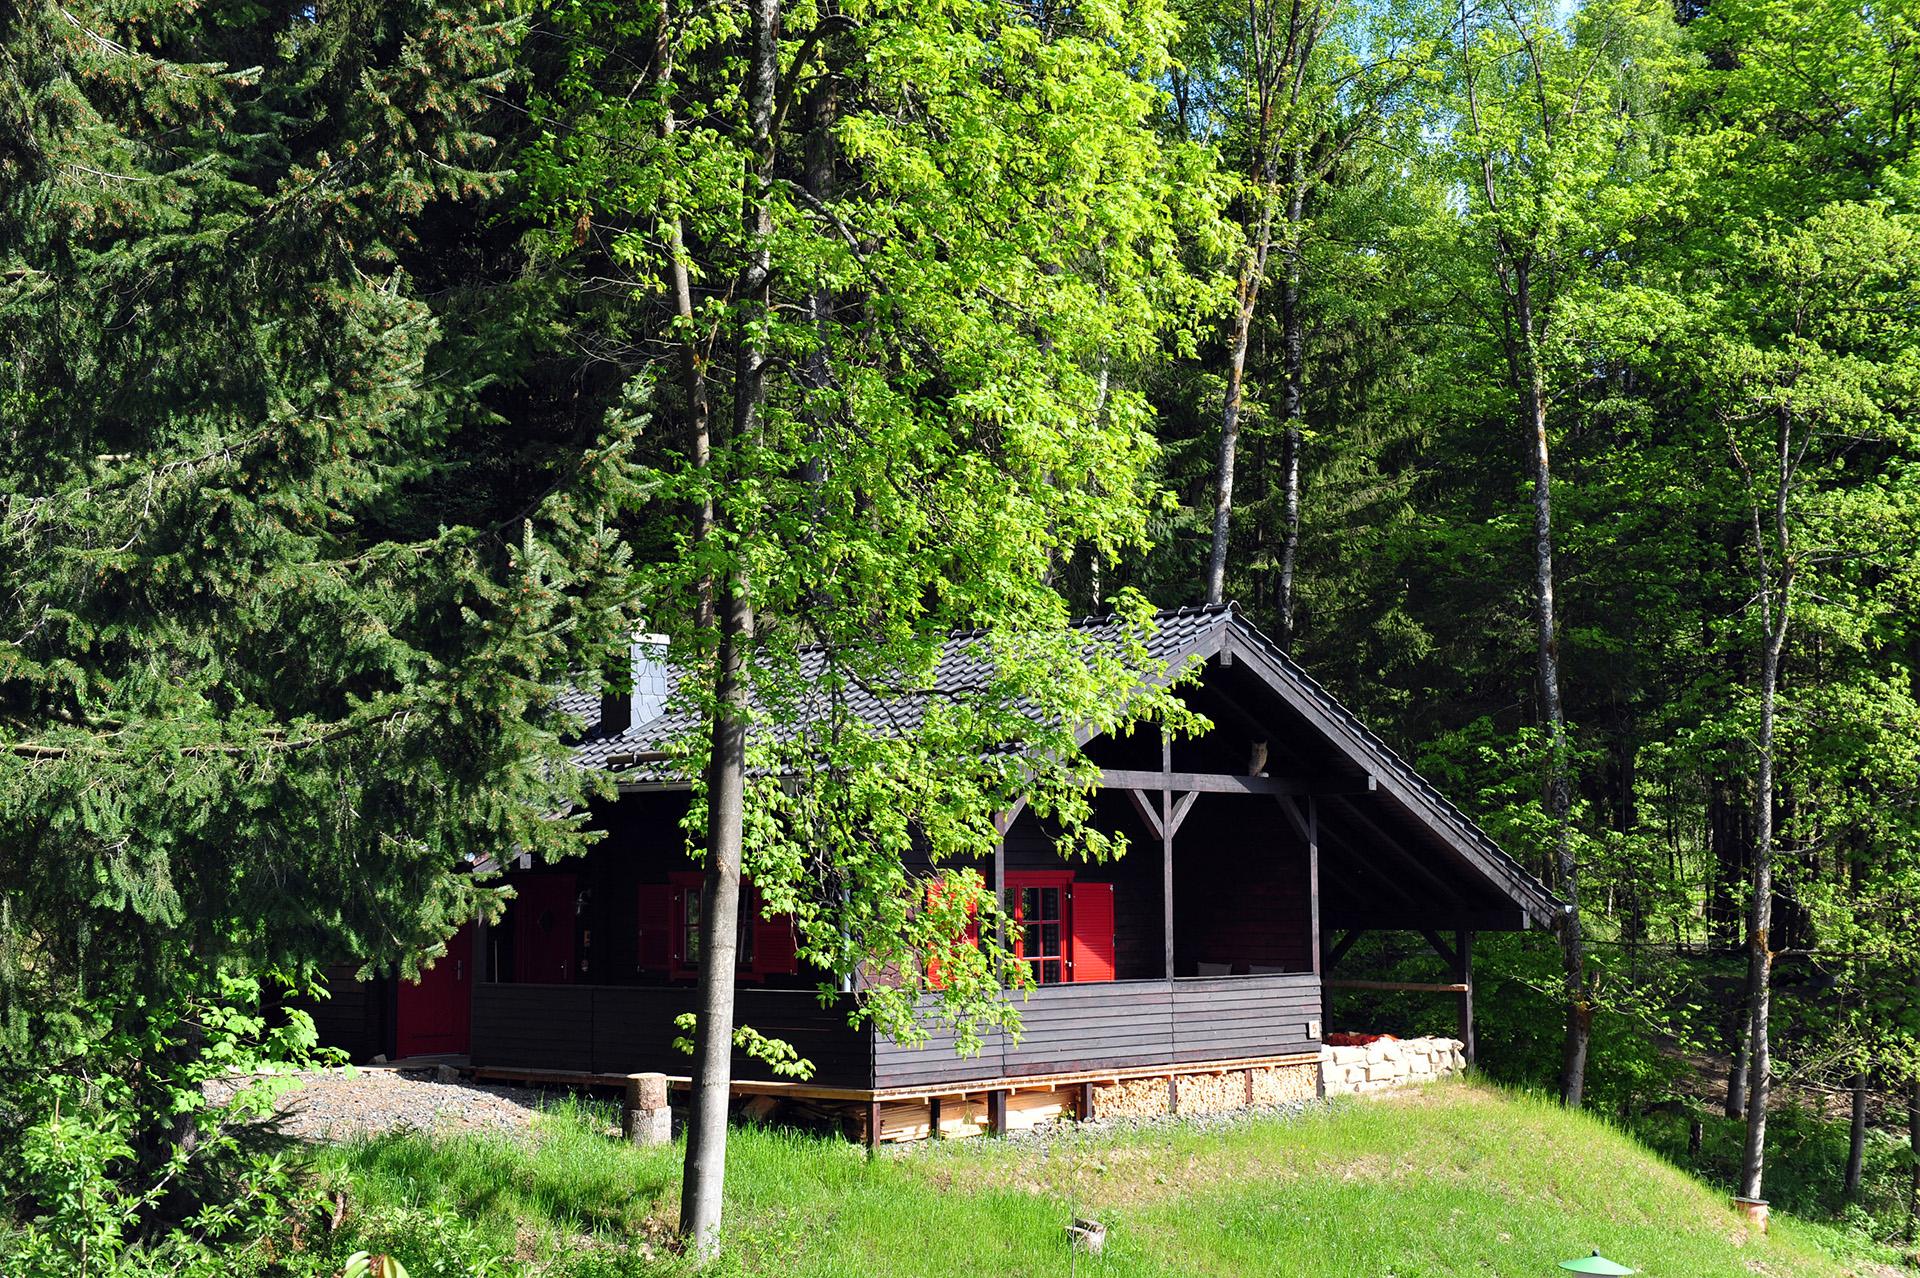 Blockhaus-Bodefall-Außenansicht-Blockhaus-versteckt-im-Wald